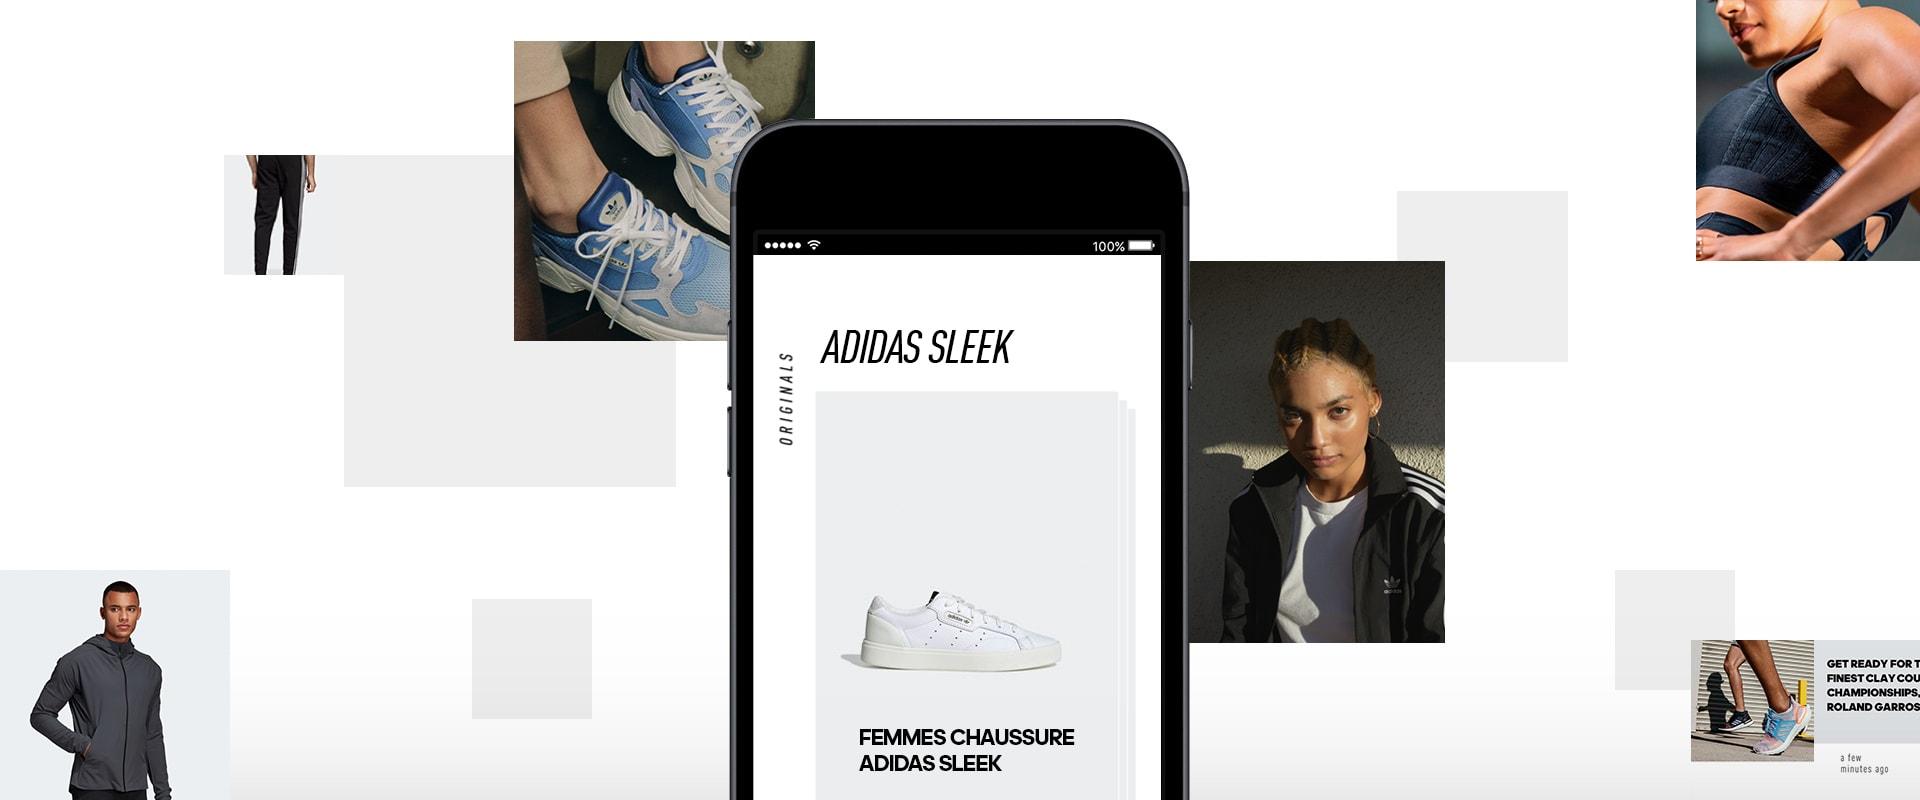 comment aller plus vite yeezy salle d'attente site internet adidas